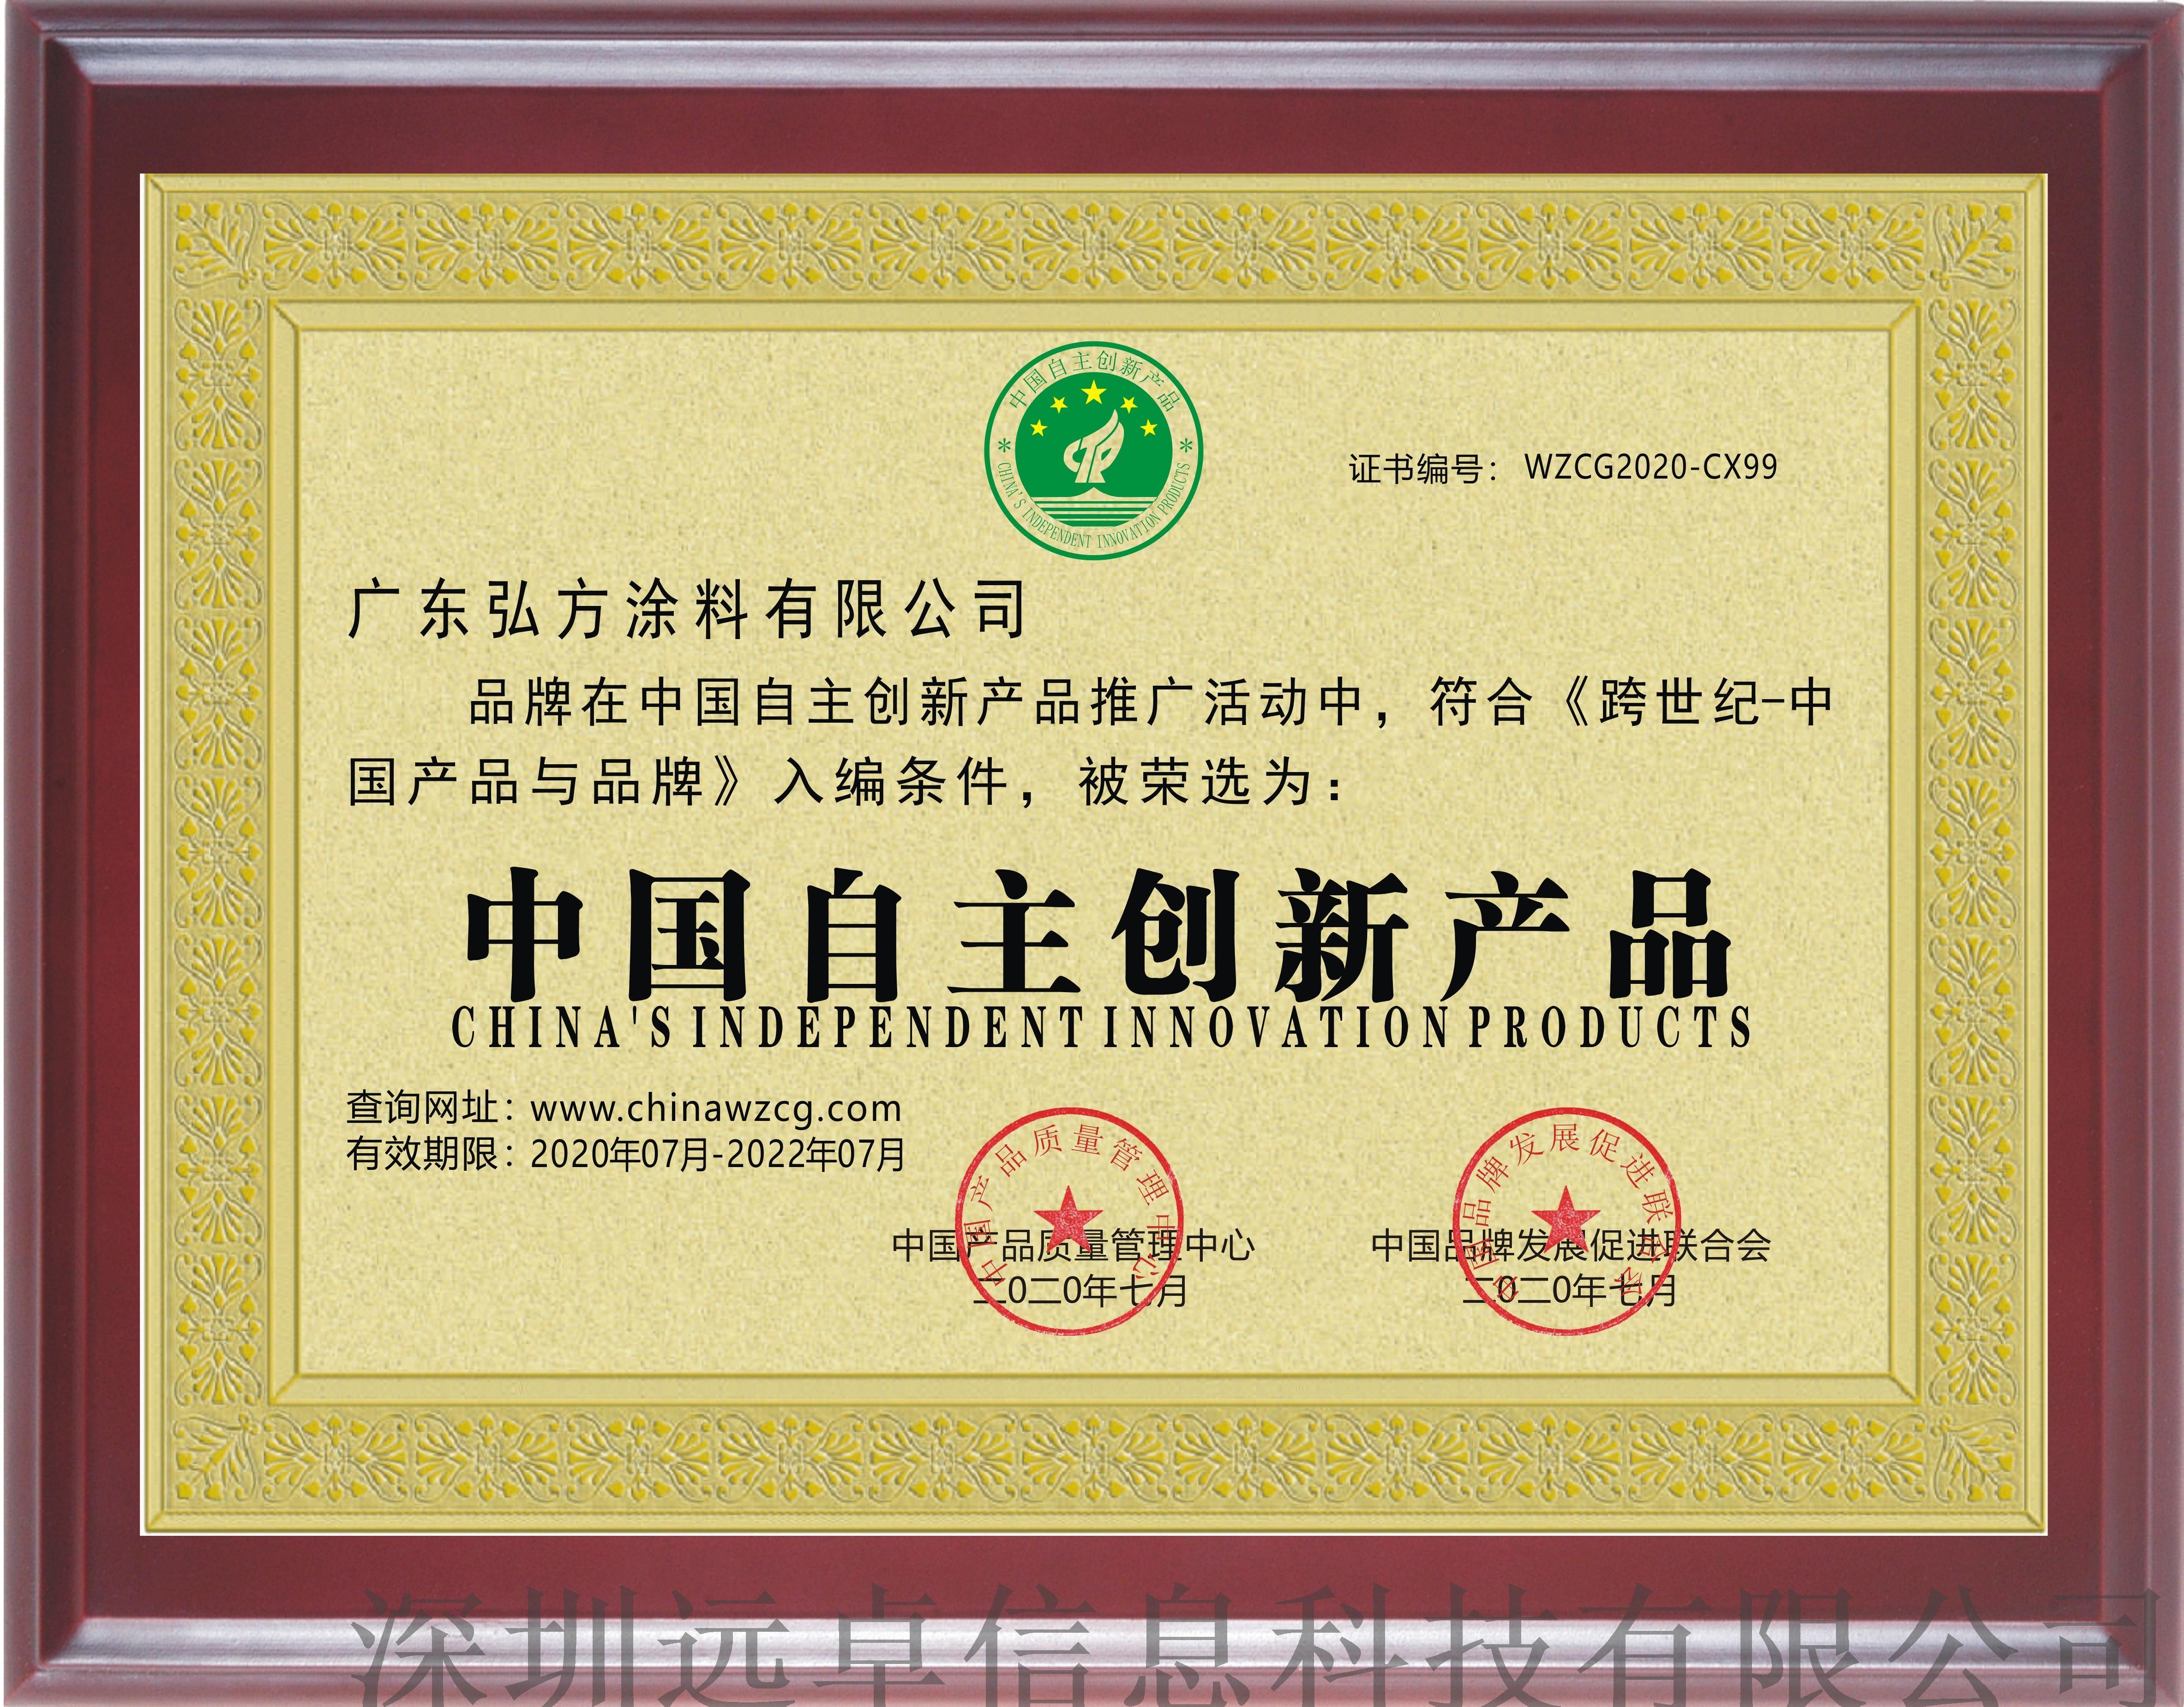 中国自主创新产品.jpg